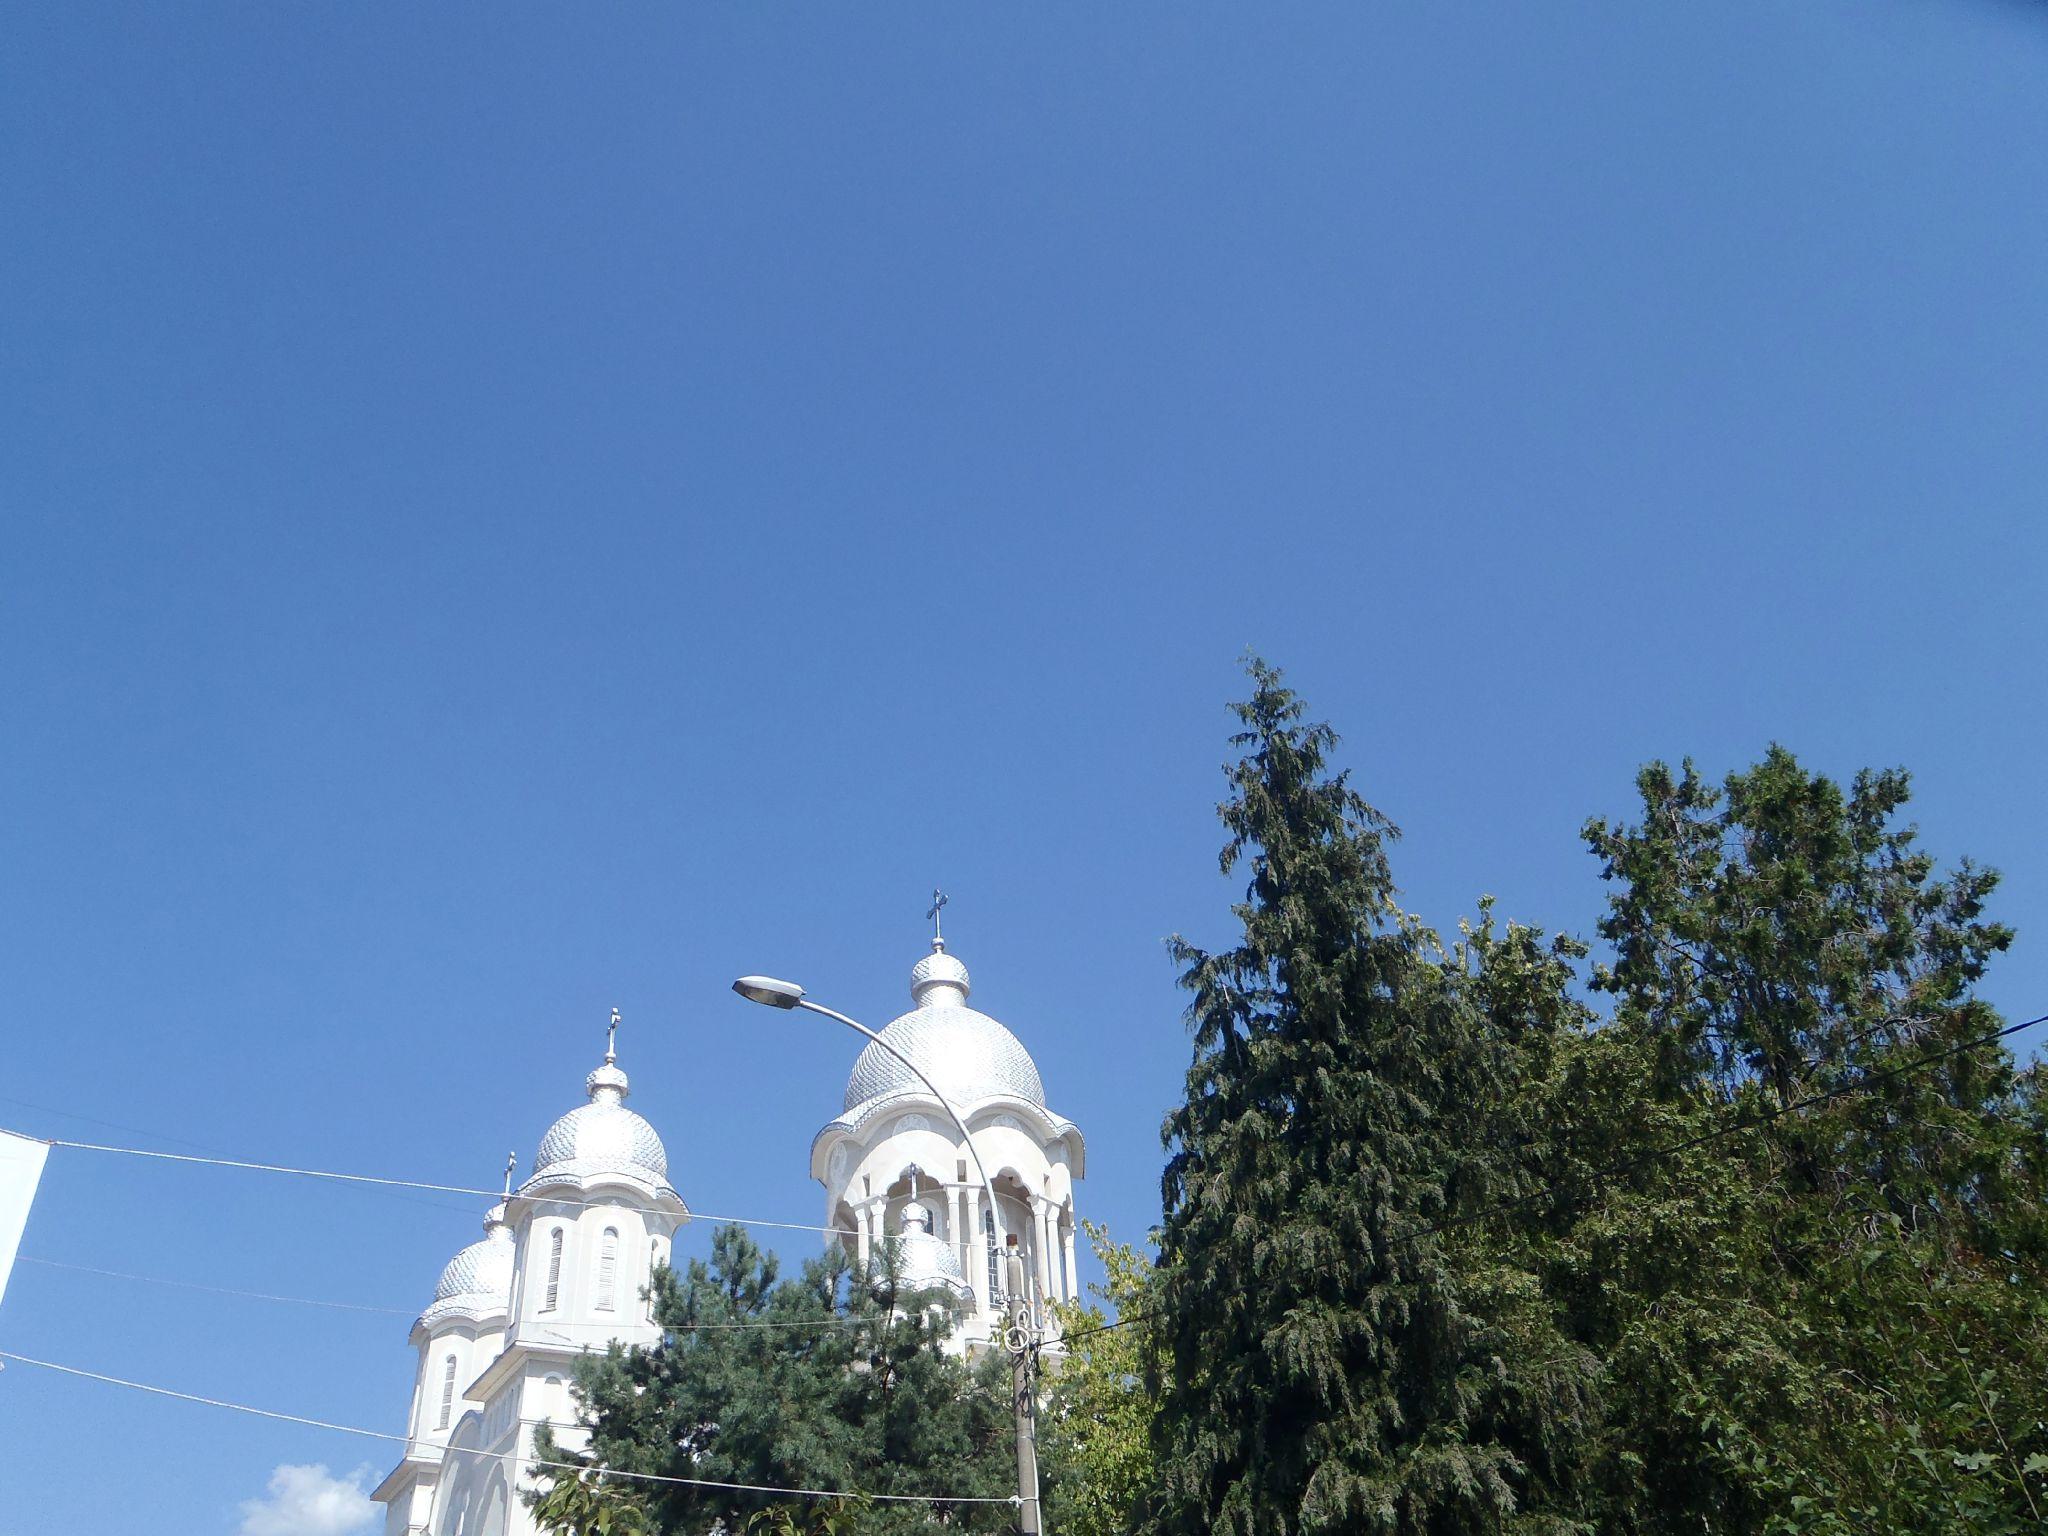 roumanie - toits métalliques des églises orthodoxes